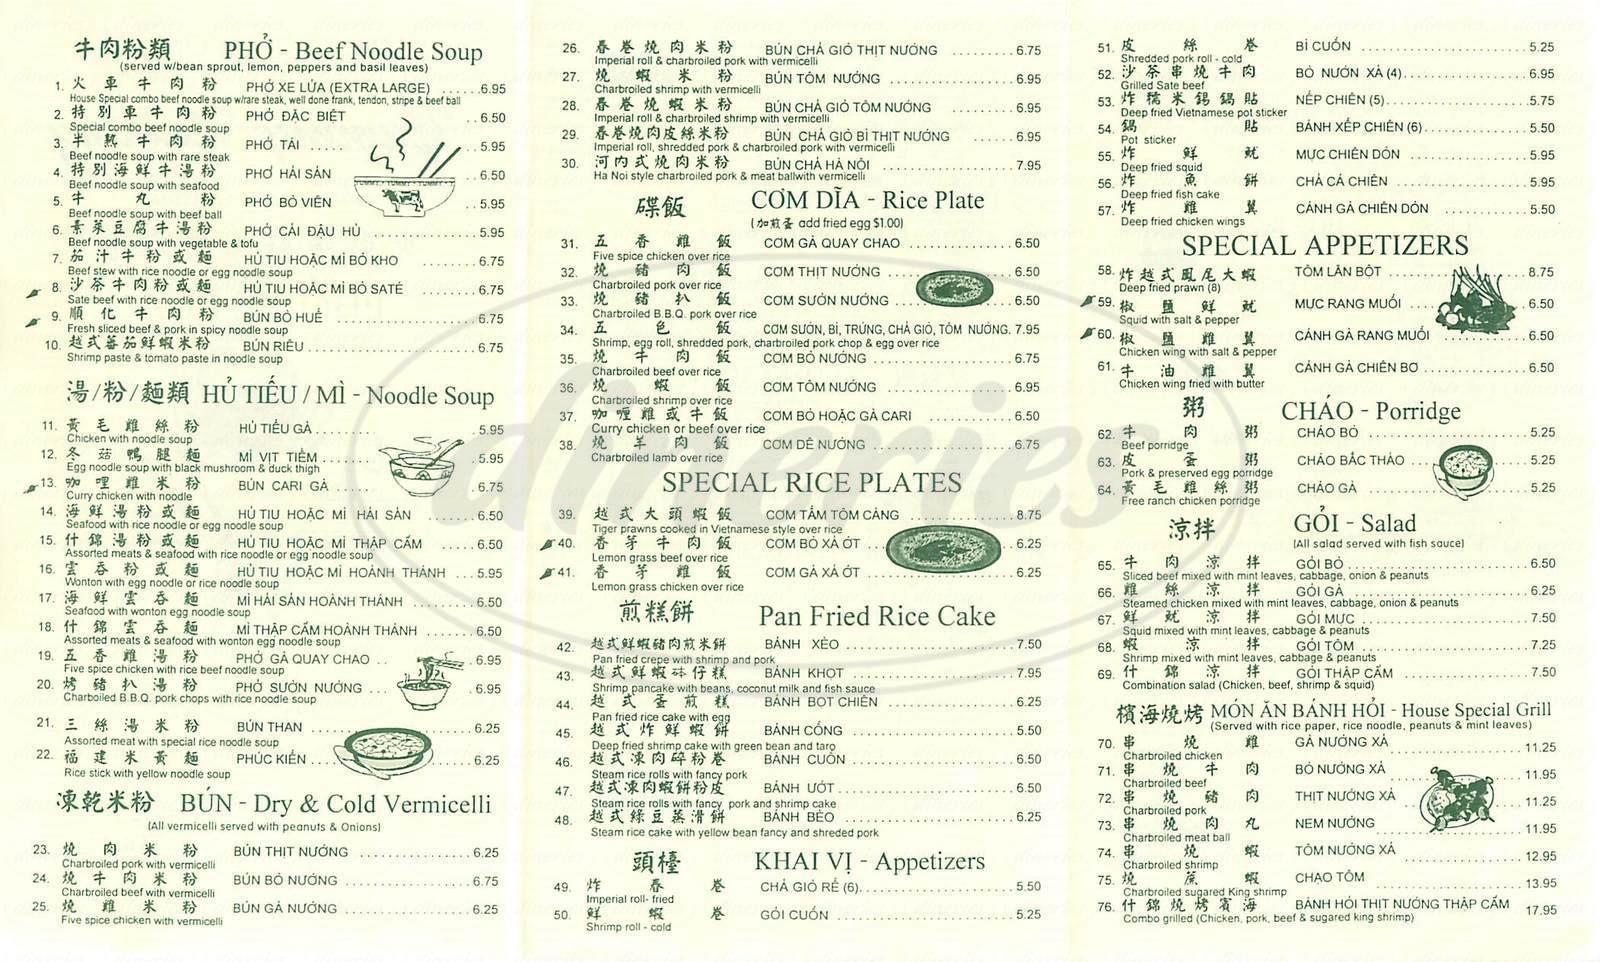 menu for Yummy Yummy